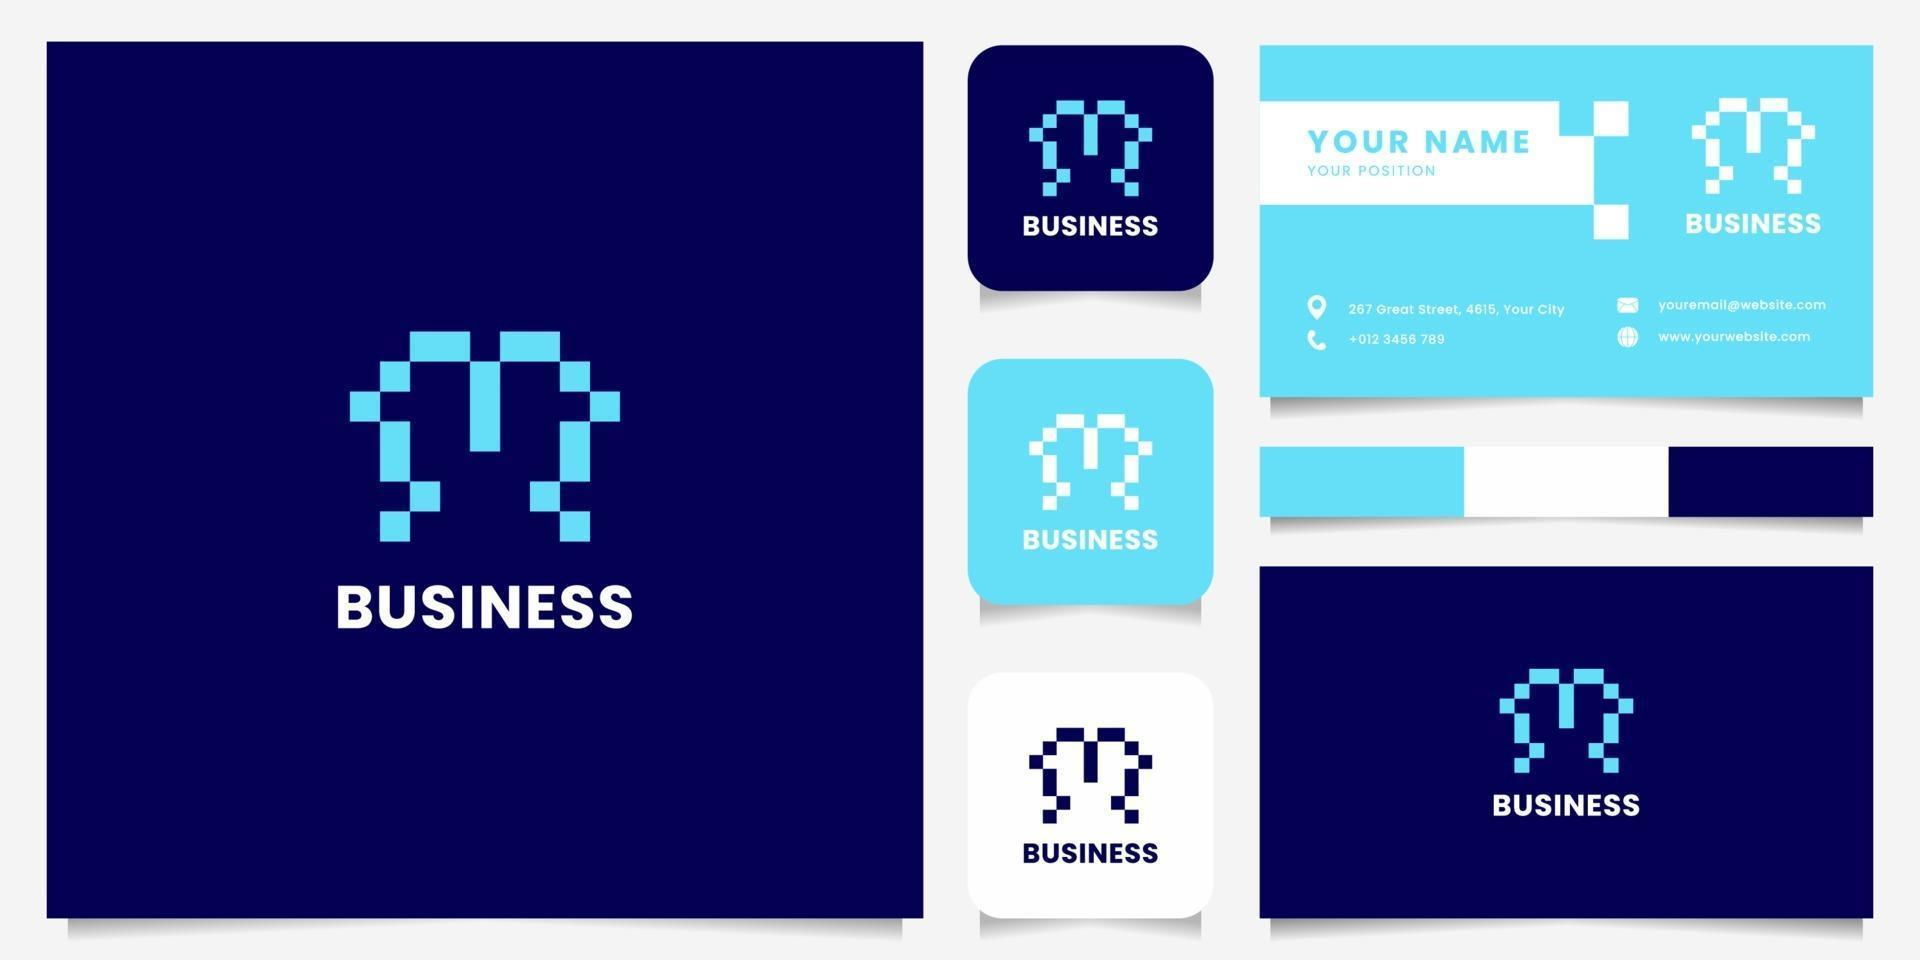 einfaches und minimalistisches blaues Pixelbuchstaben-m-Logo mit Visitenkartenschablone vektor